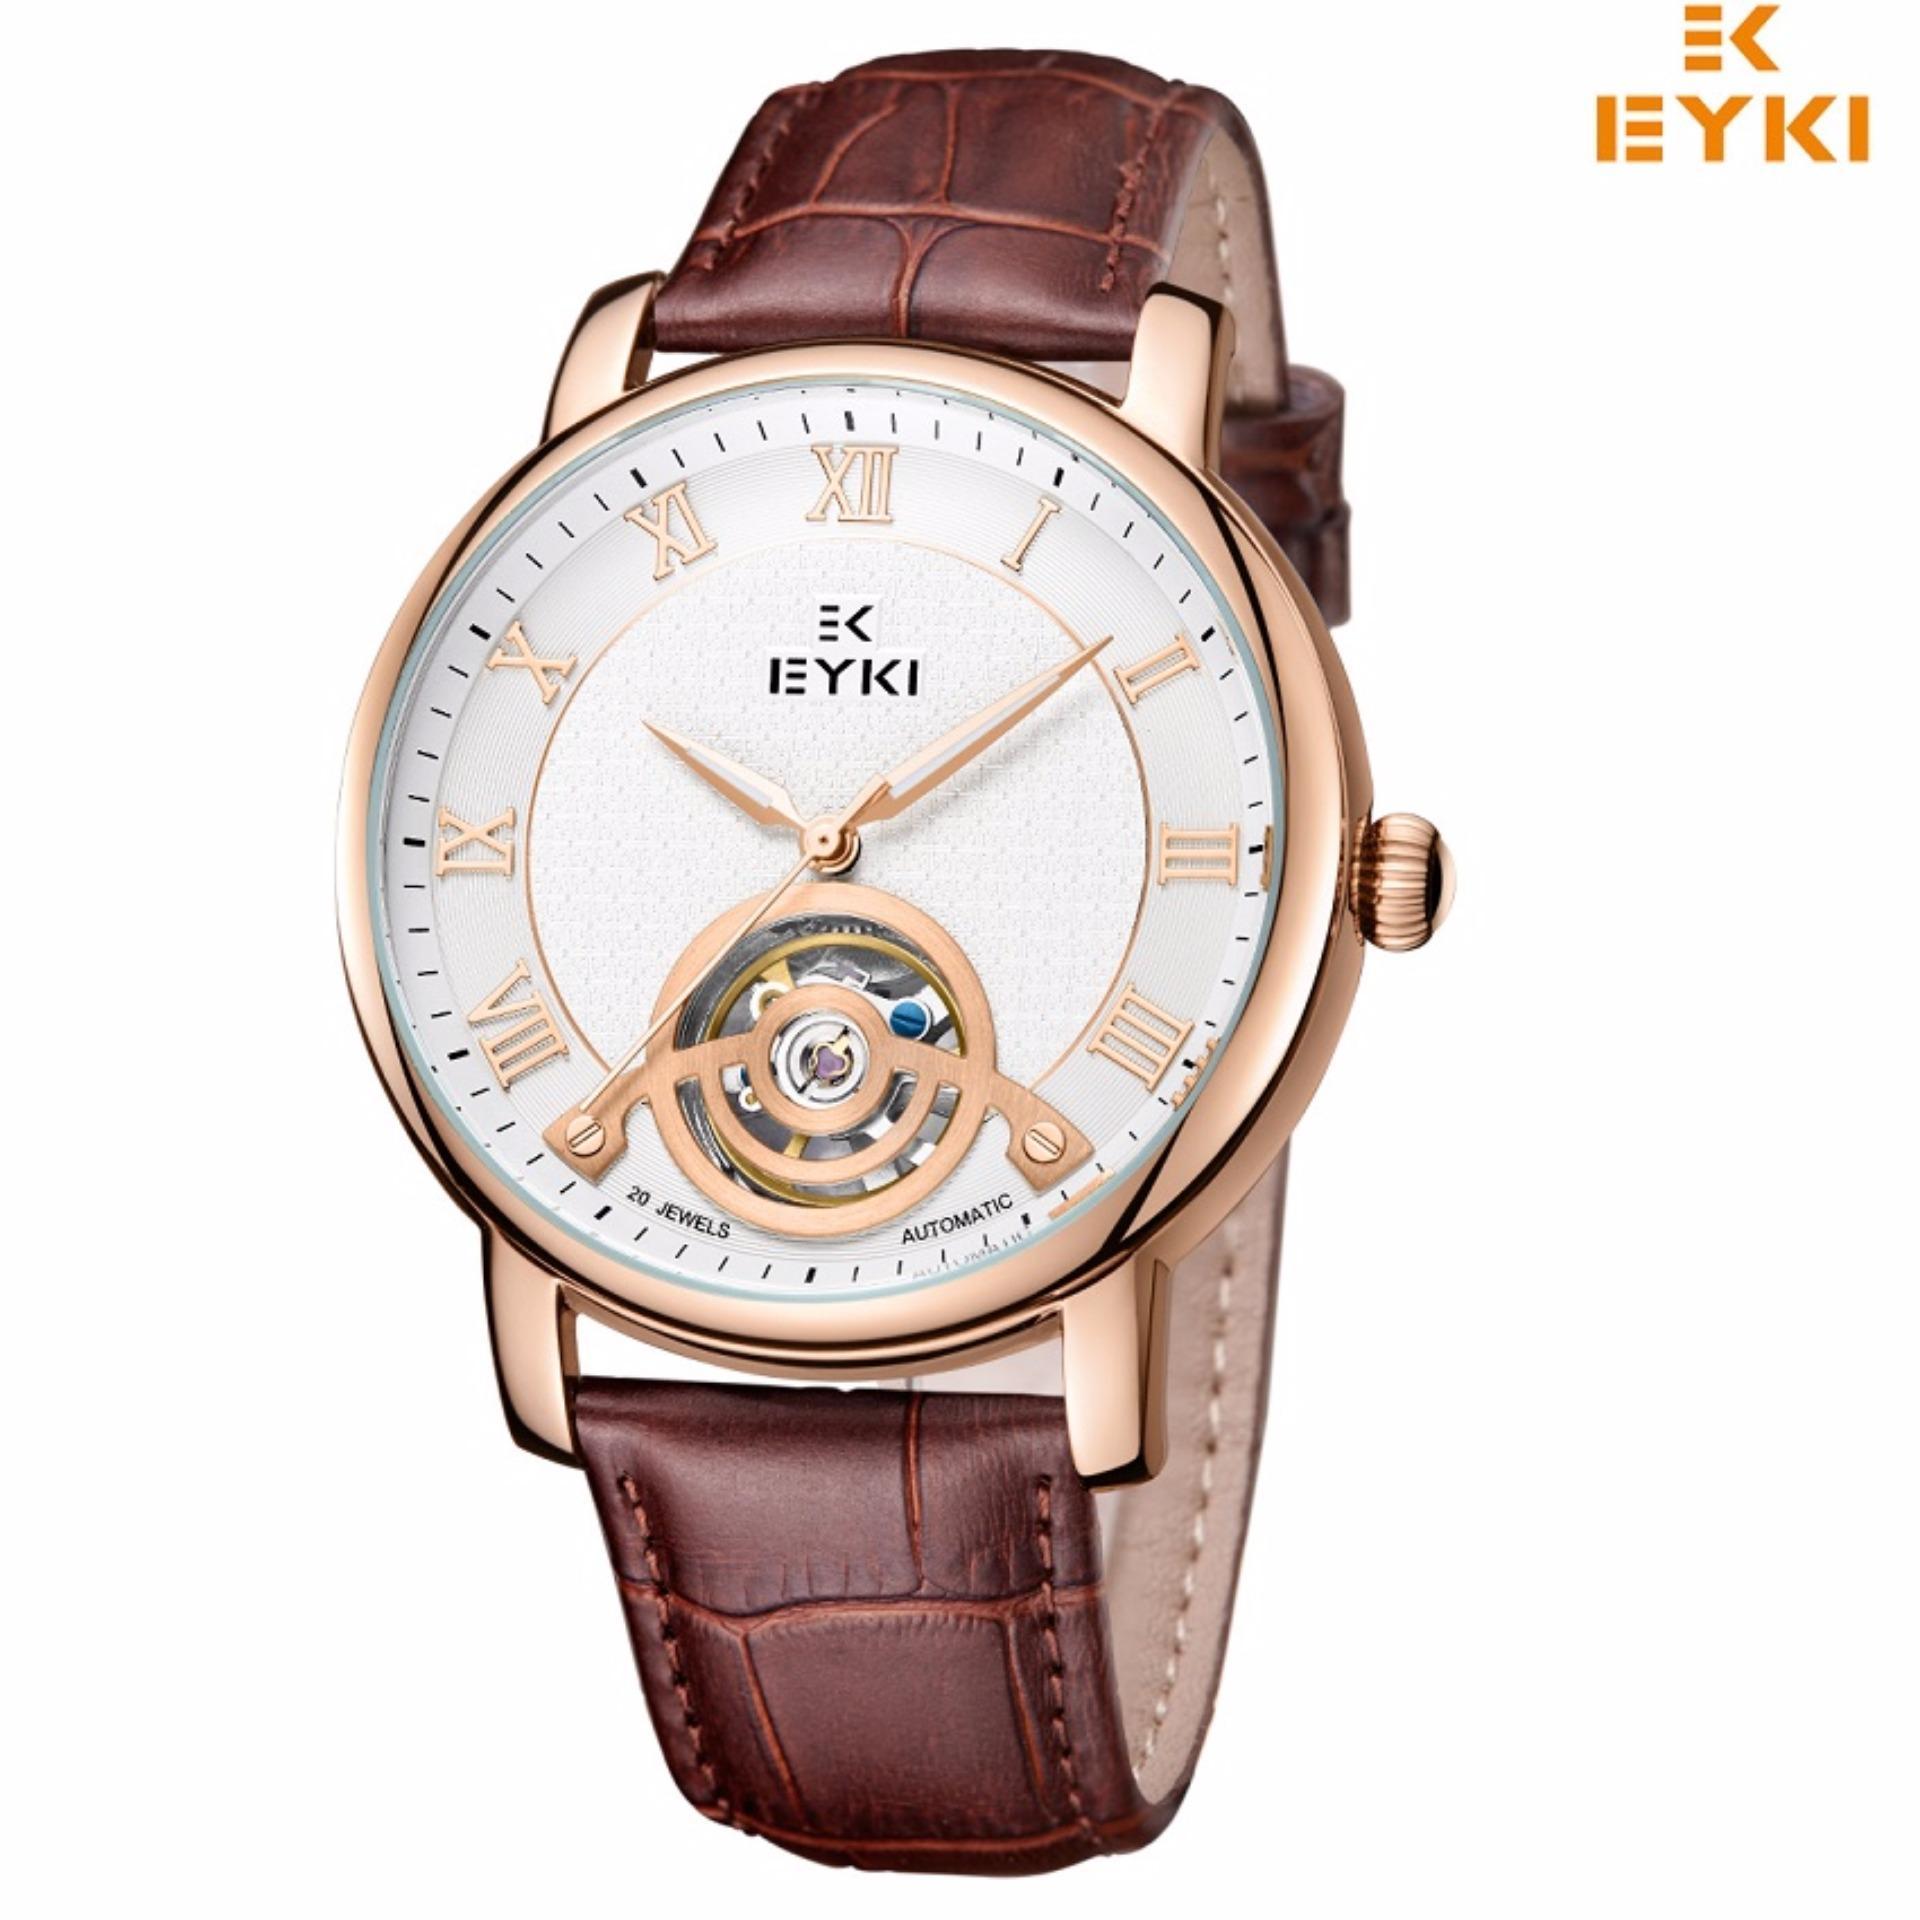 Đồng hồ nam EYKI cơ tự động dây da 038TSGEY (Nâu đồng)